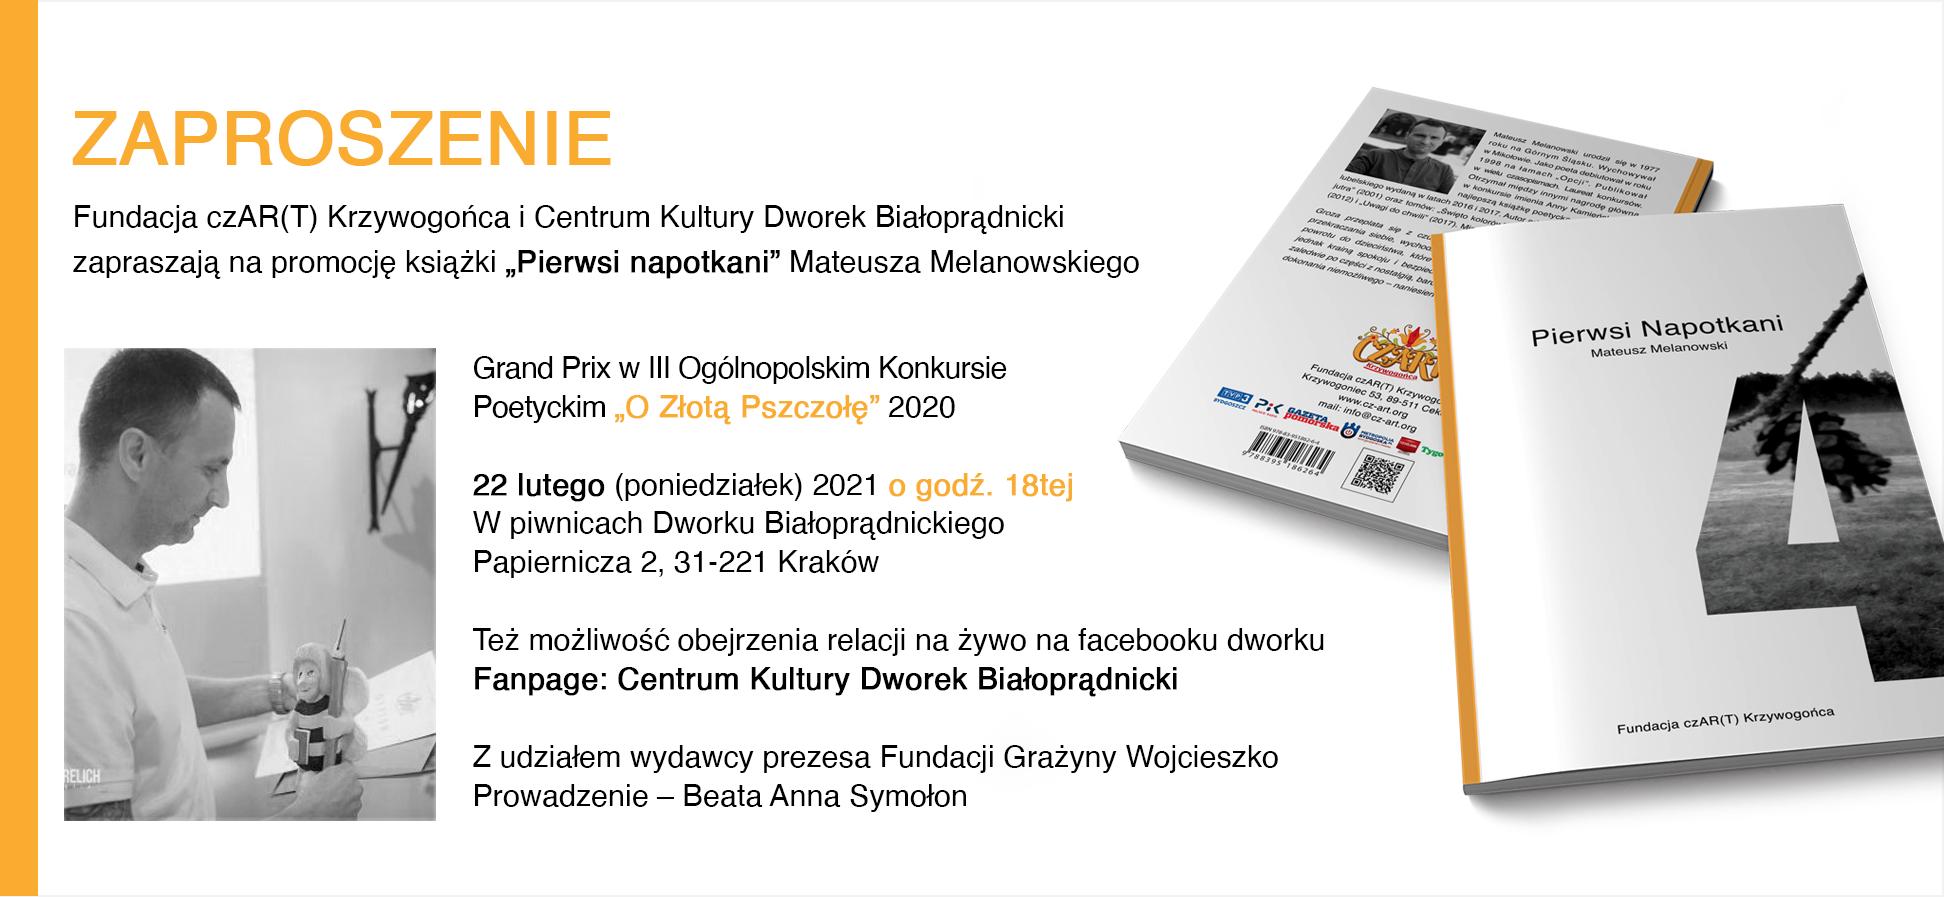 zaproszenie-krakow-2021-1